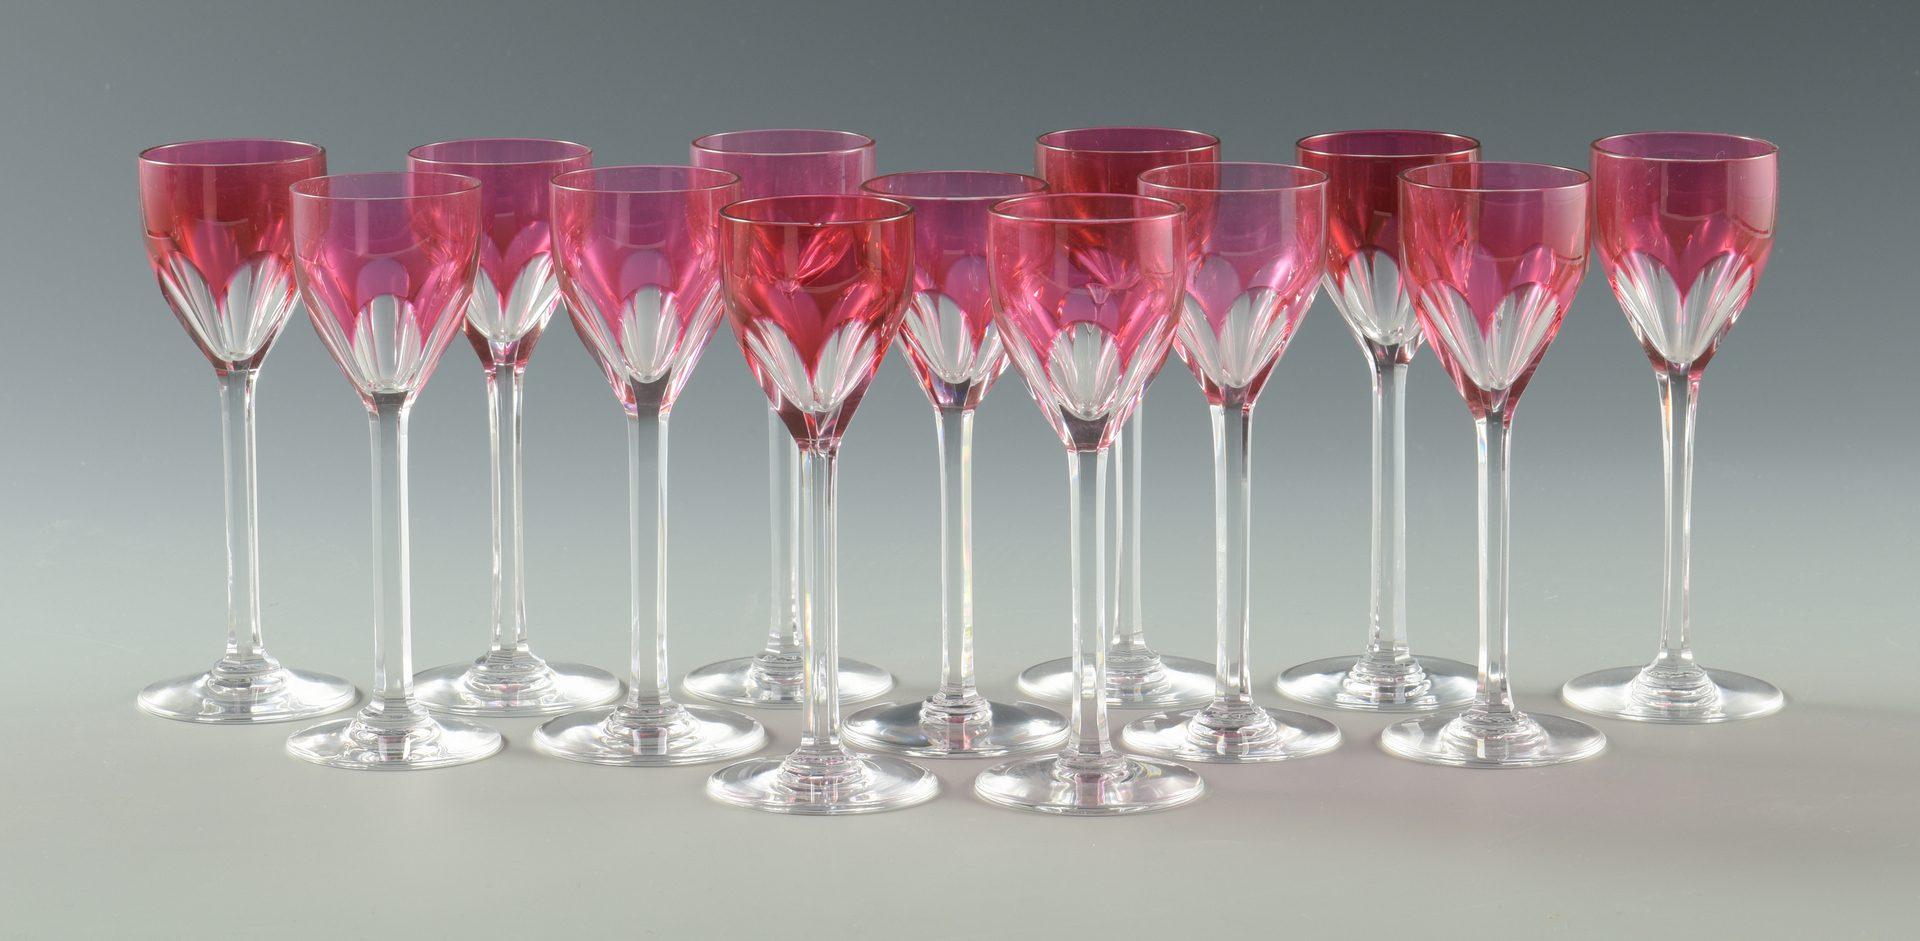 Lot 10: Baccarat & Val St. Lambert Glassware and Opera Glasses, 15 total